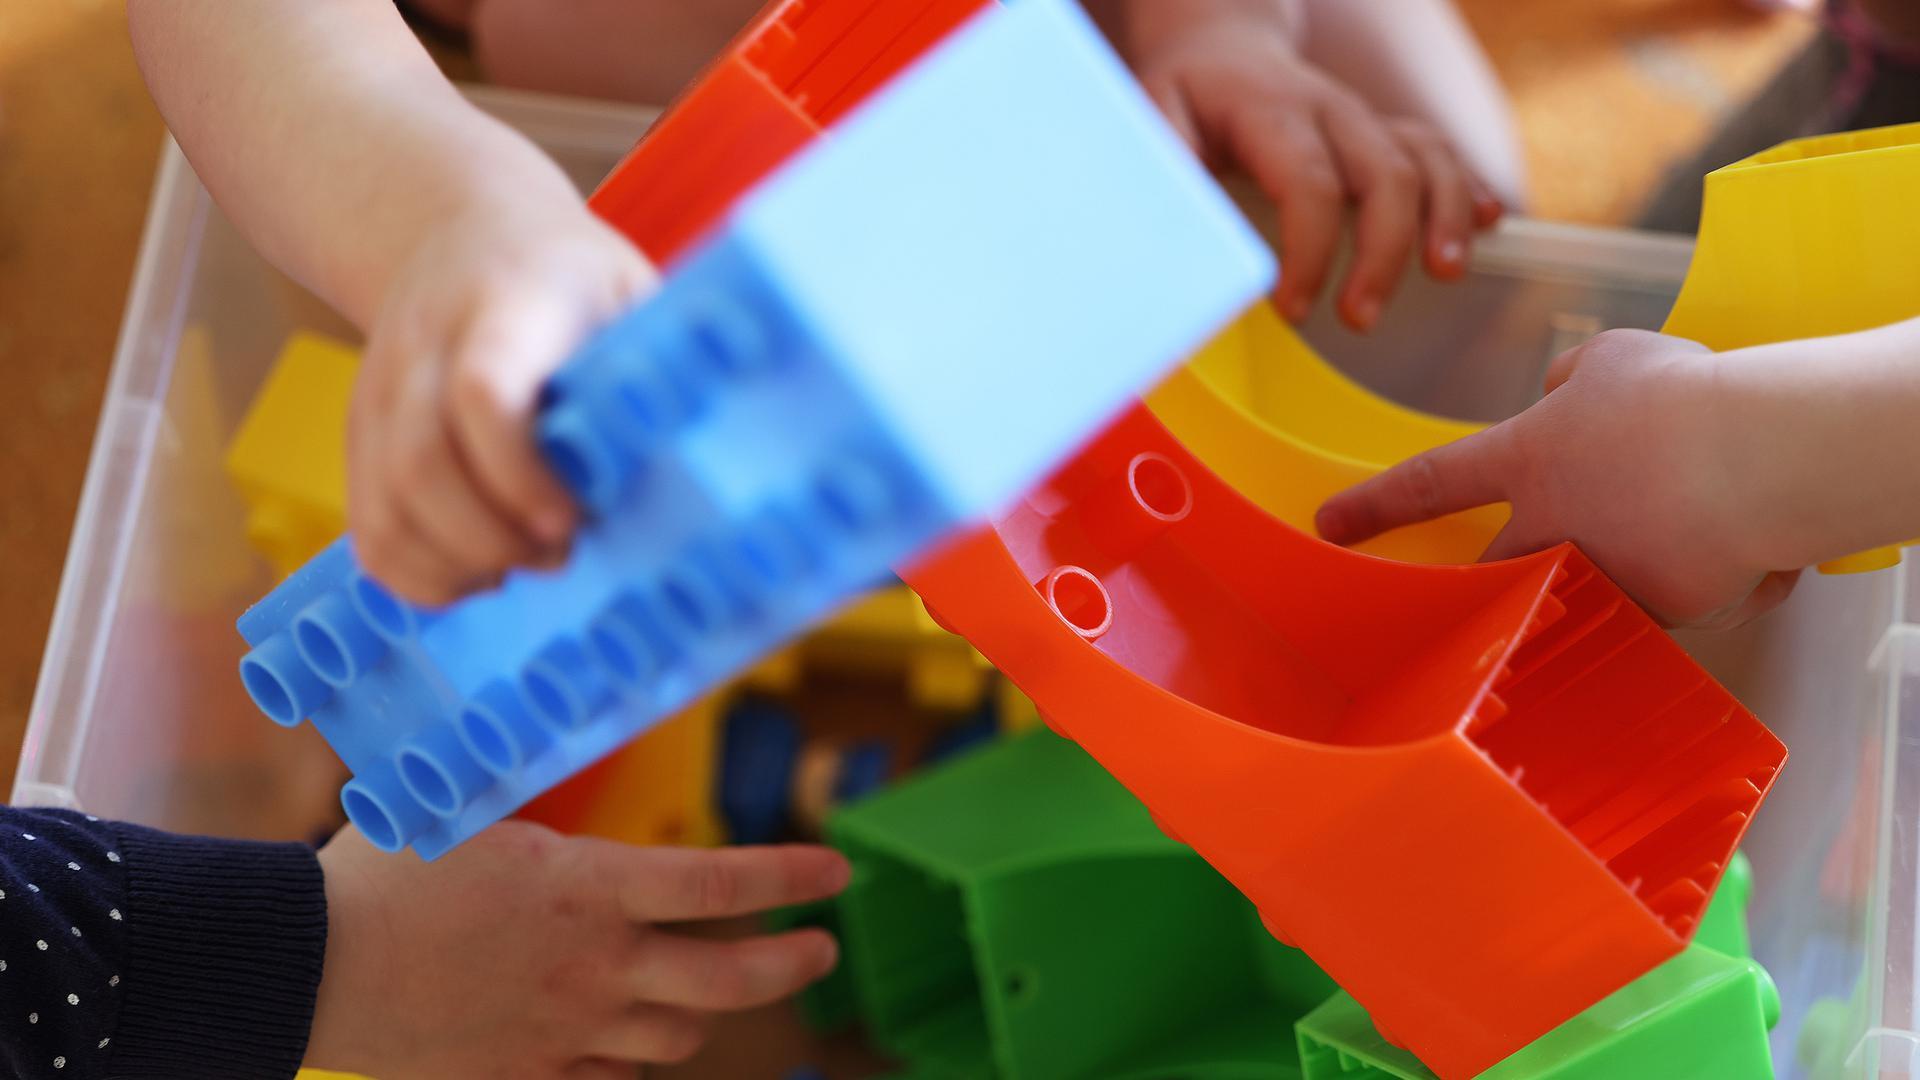 Kinder nehmen in der Kindertagesstätte Kita Morgenland Spielsteine aus einer Kiste. Die Kindertagesbetreuung in Nordrhein-Westfalen kehrt zurück in den Regelbetrieb. +++ dpa-Bildfunk +++